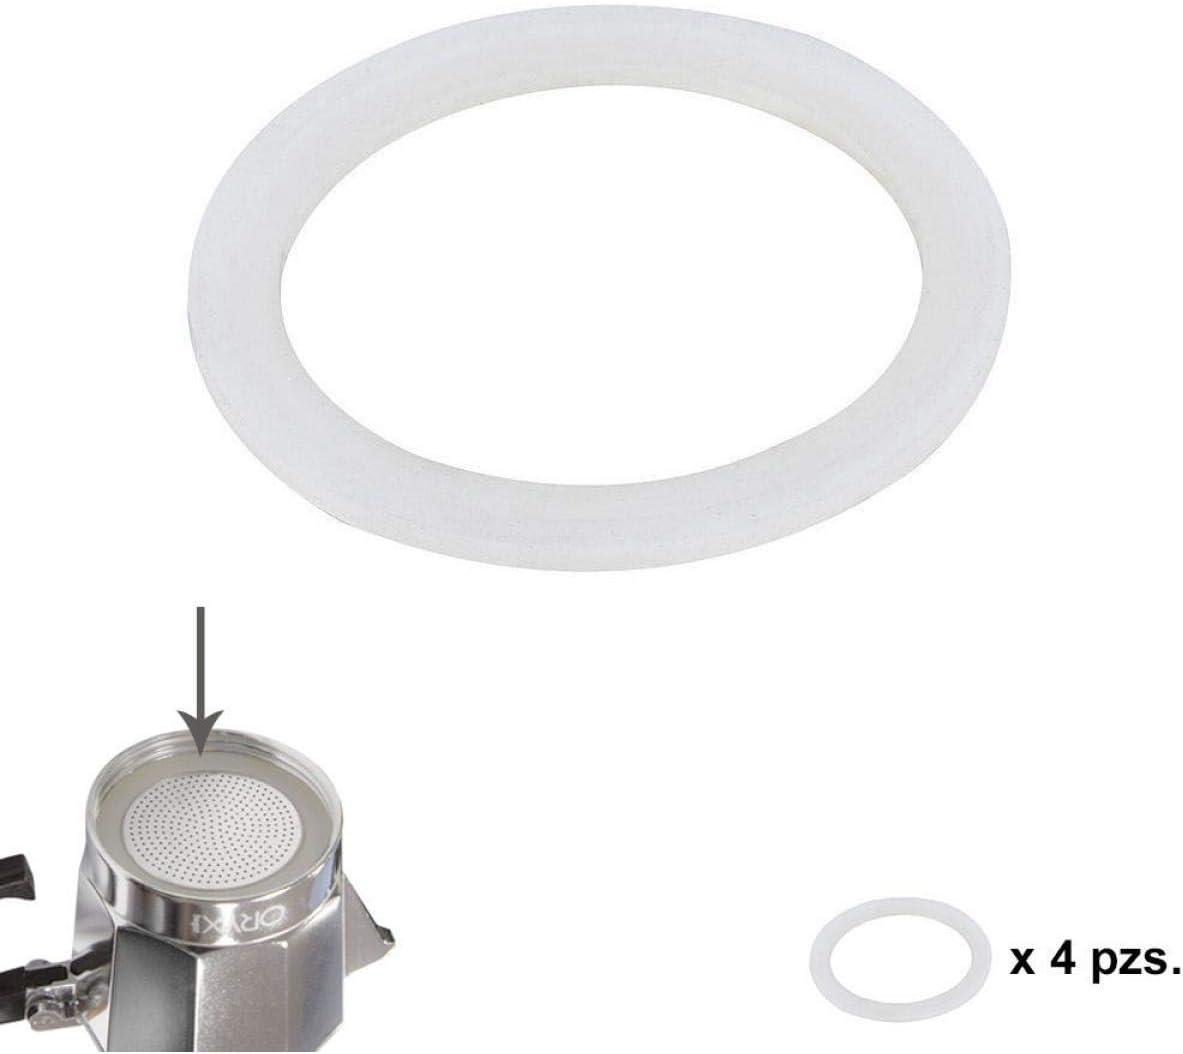 ORYX 5056104 Junta Goma Silicona Cafetera Aluminio Classic/Inducción 12 Tazas (4 Unidades): Amazon.es: Hogar